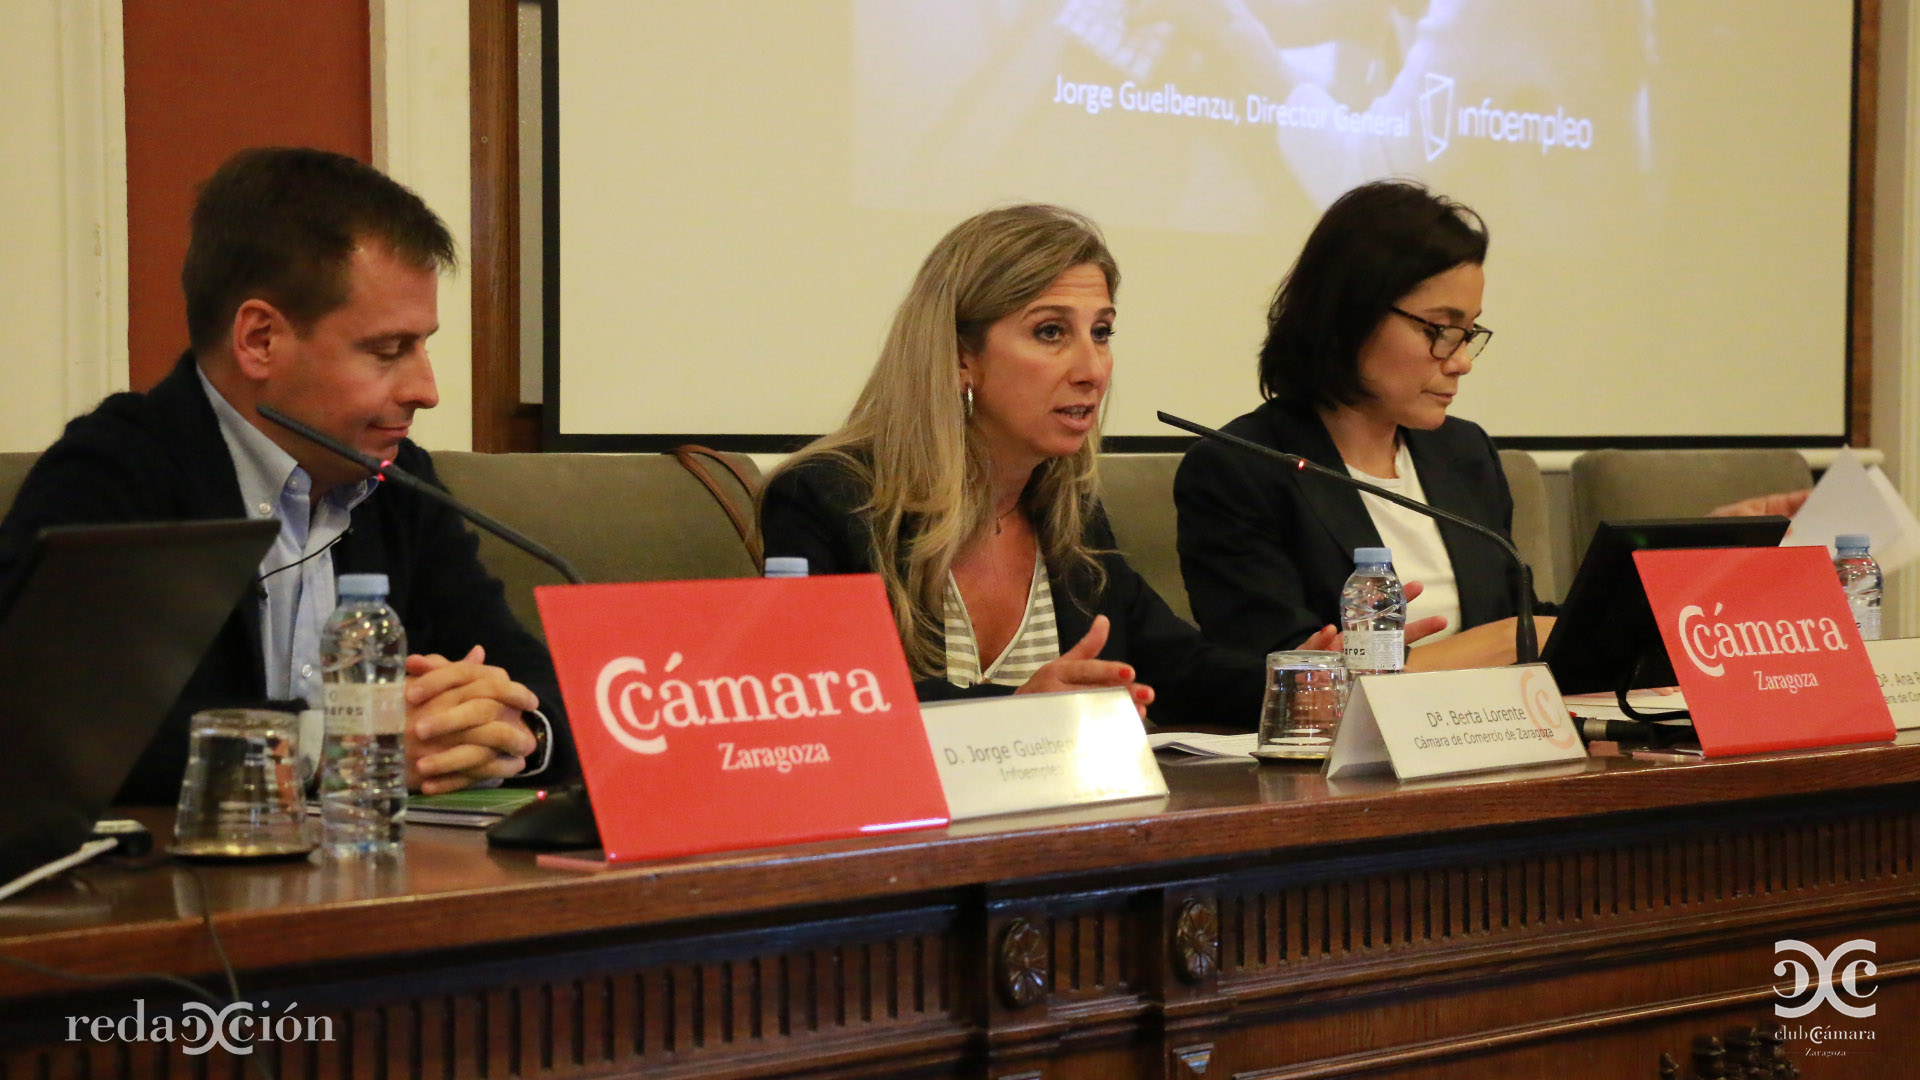 Berta Lorente, en el centro.